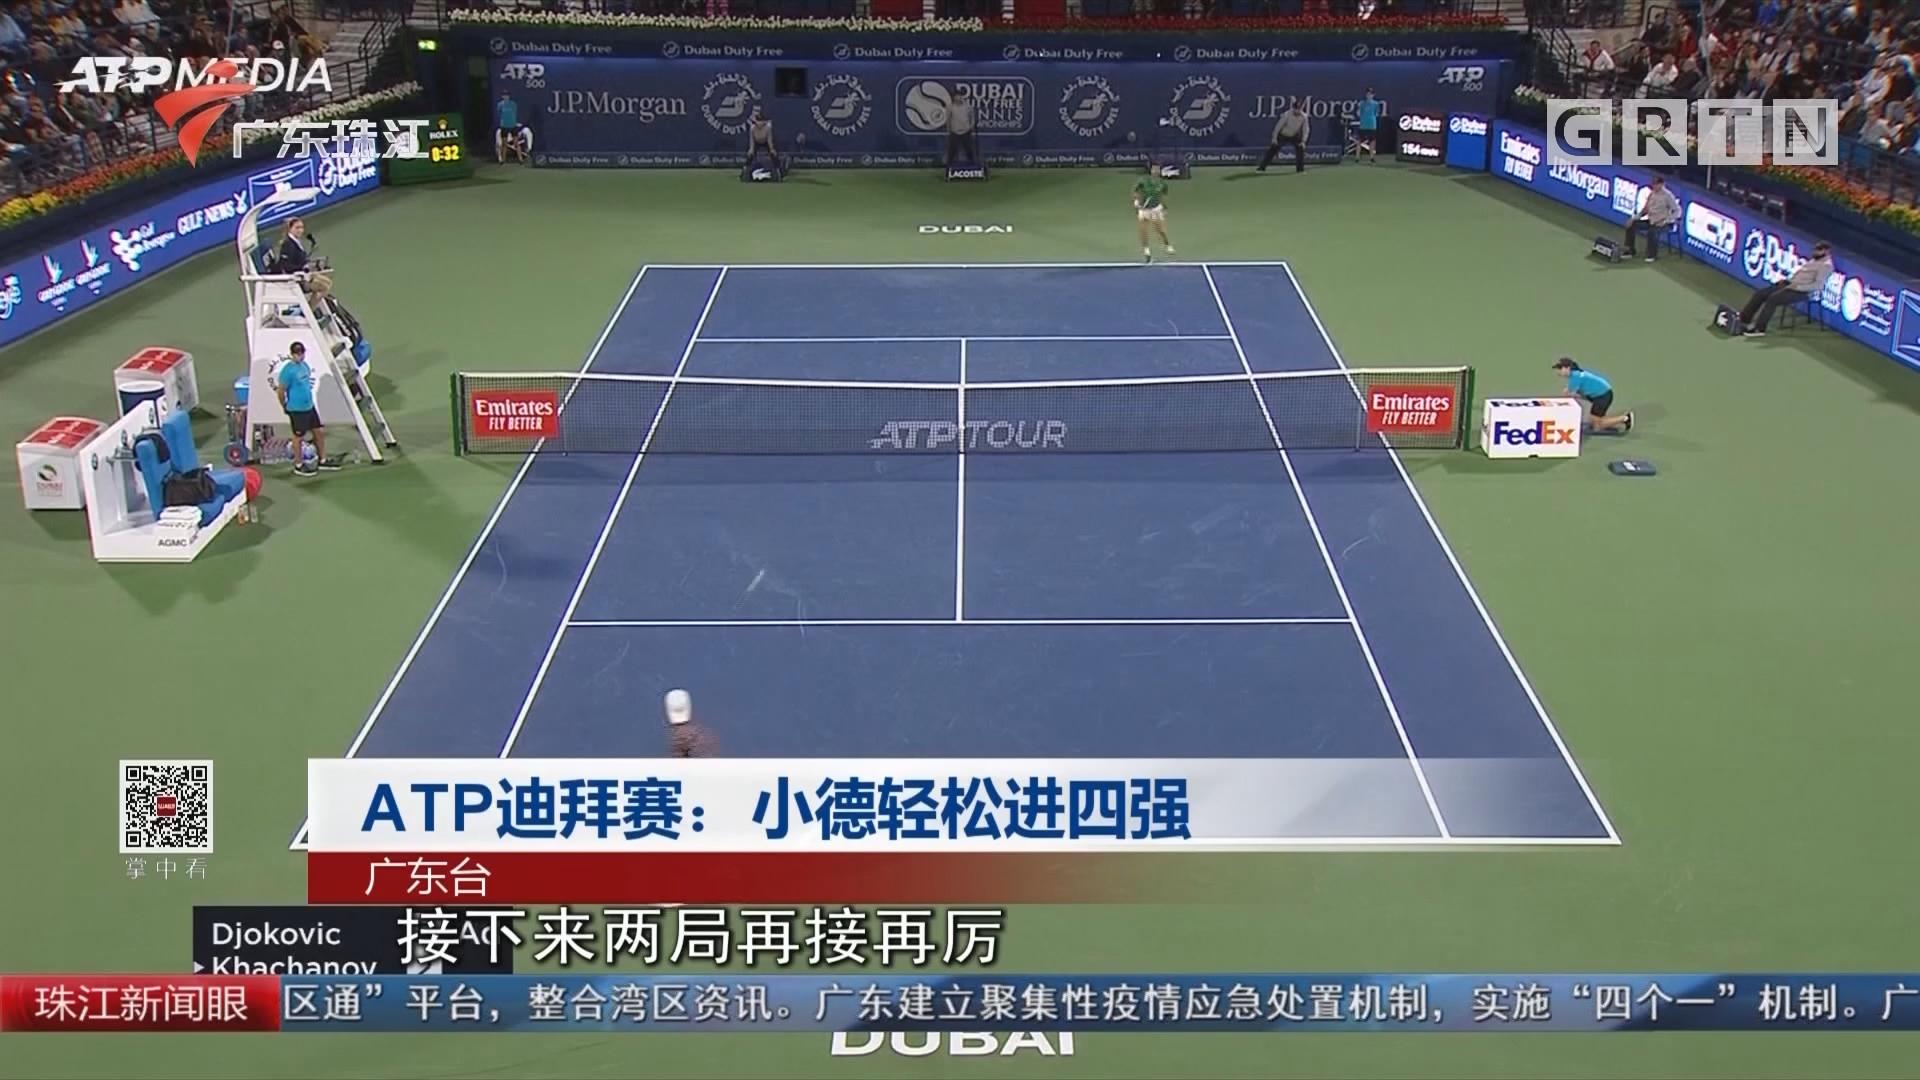 ATP迪拜赛:小德轻松进四强